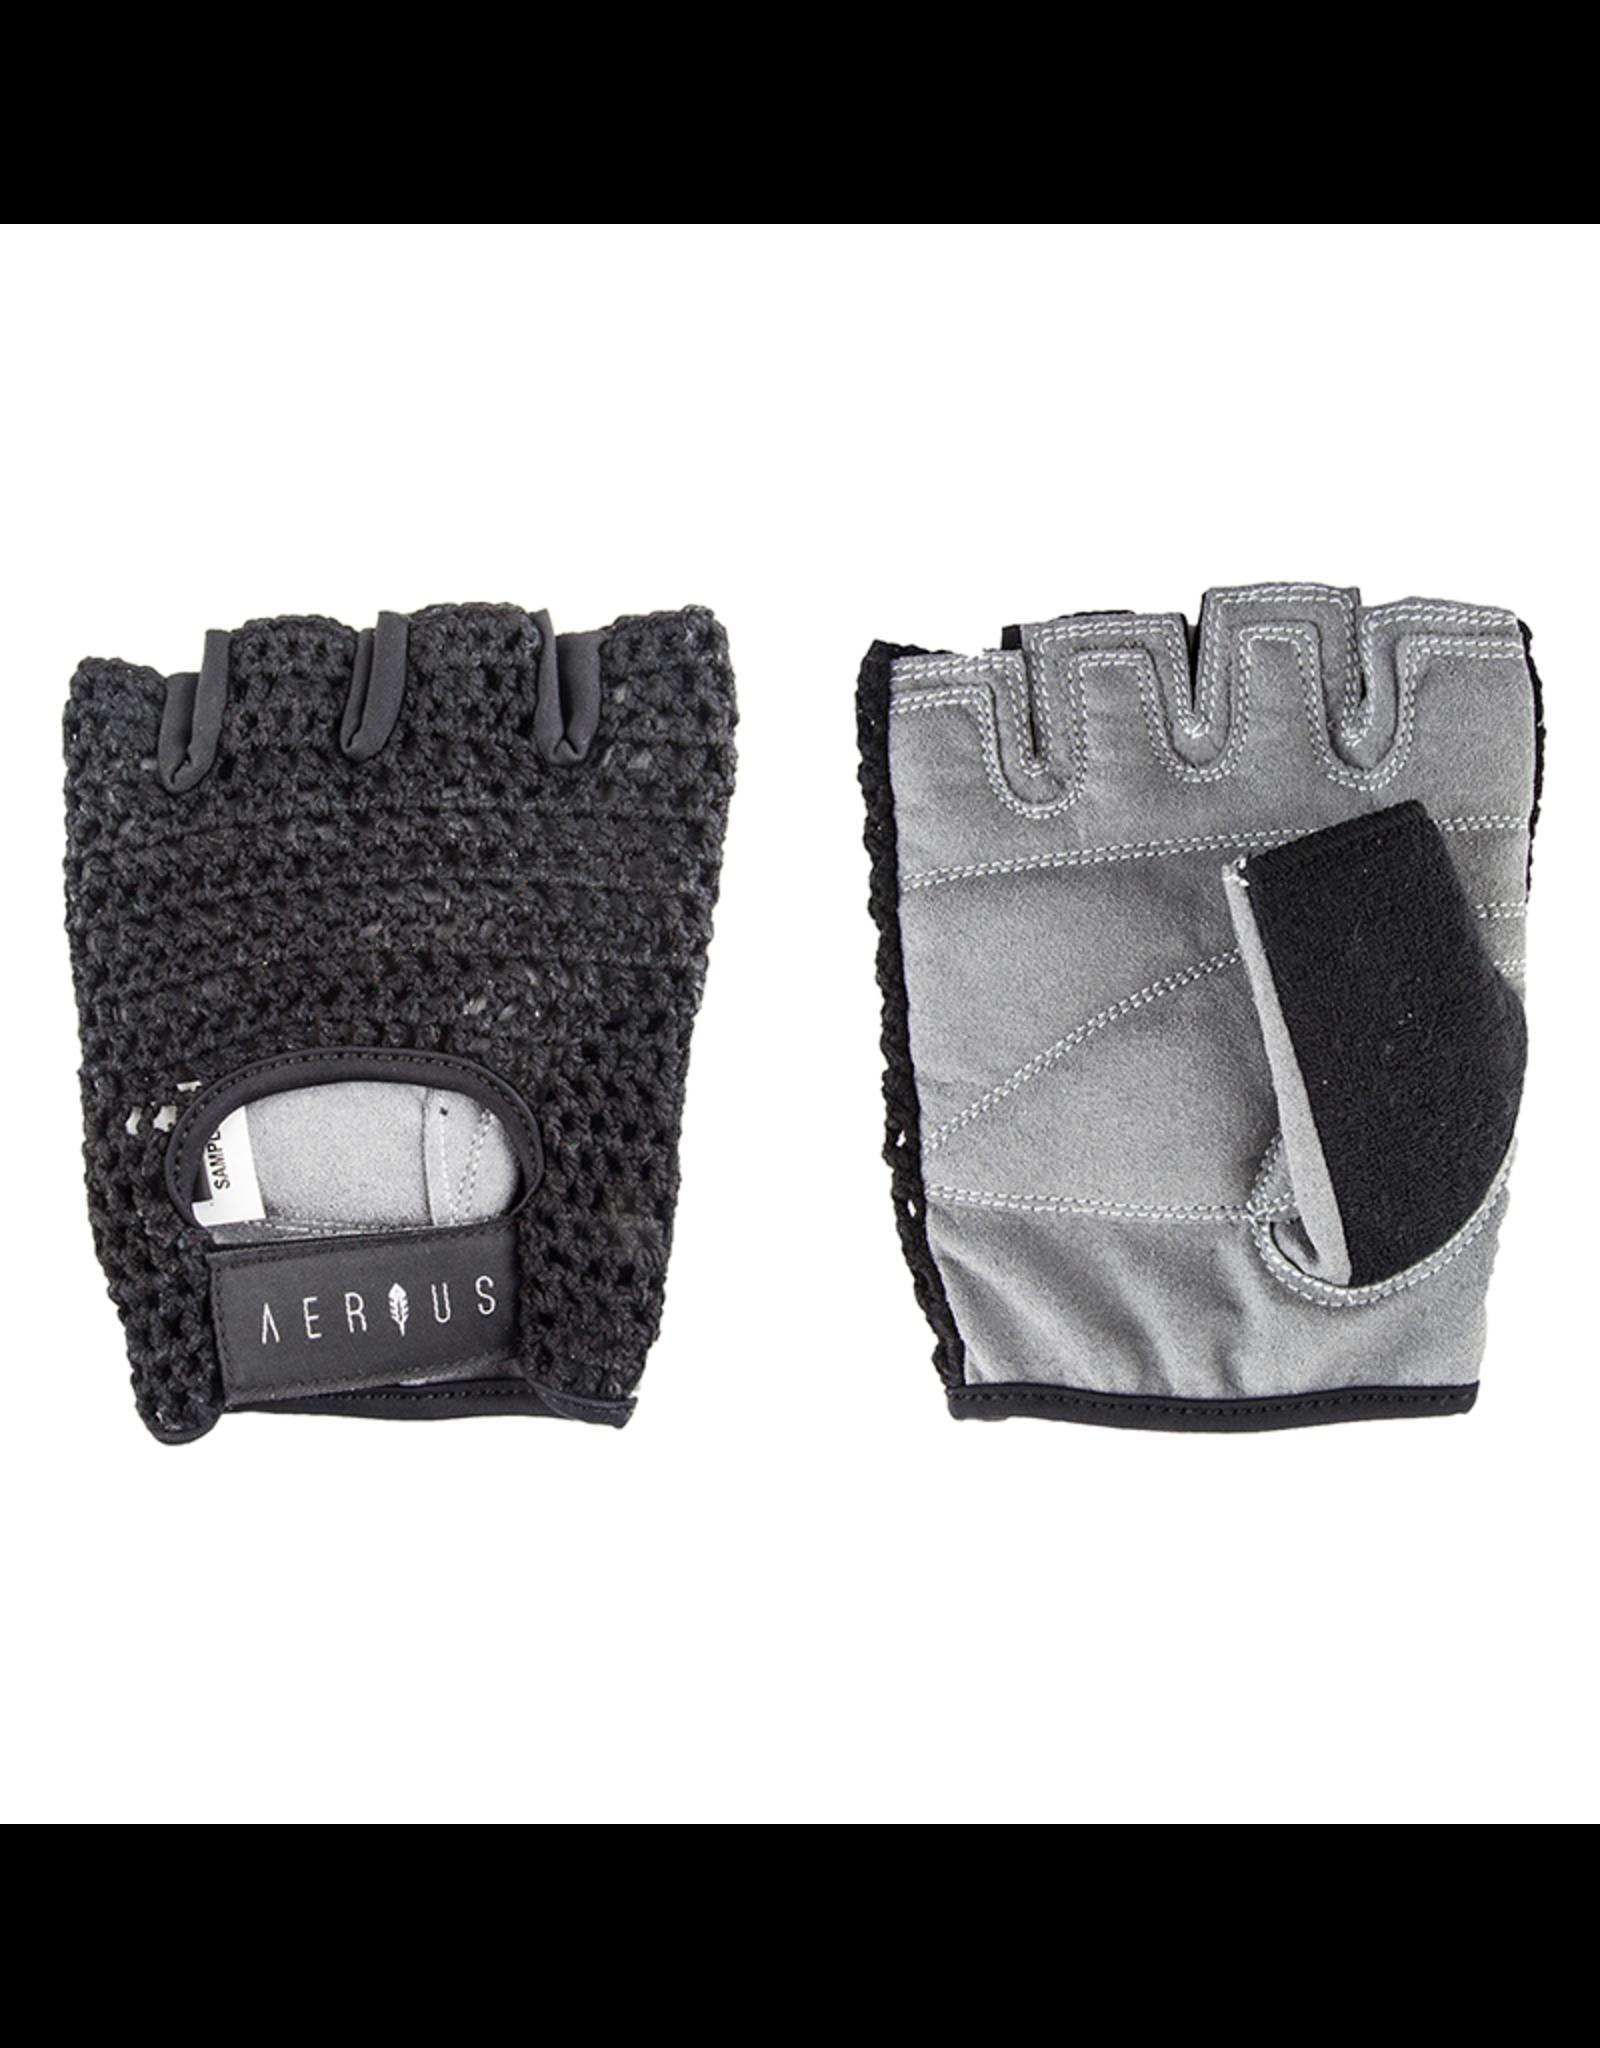 Airius Aerius Retro Mesh Gloves - Black, Large